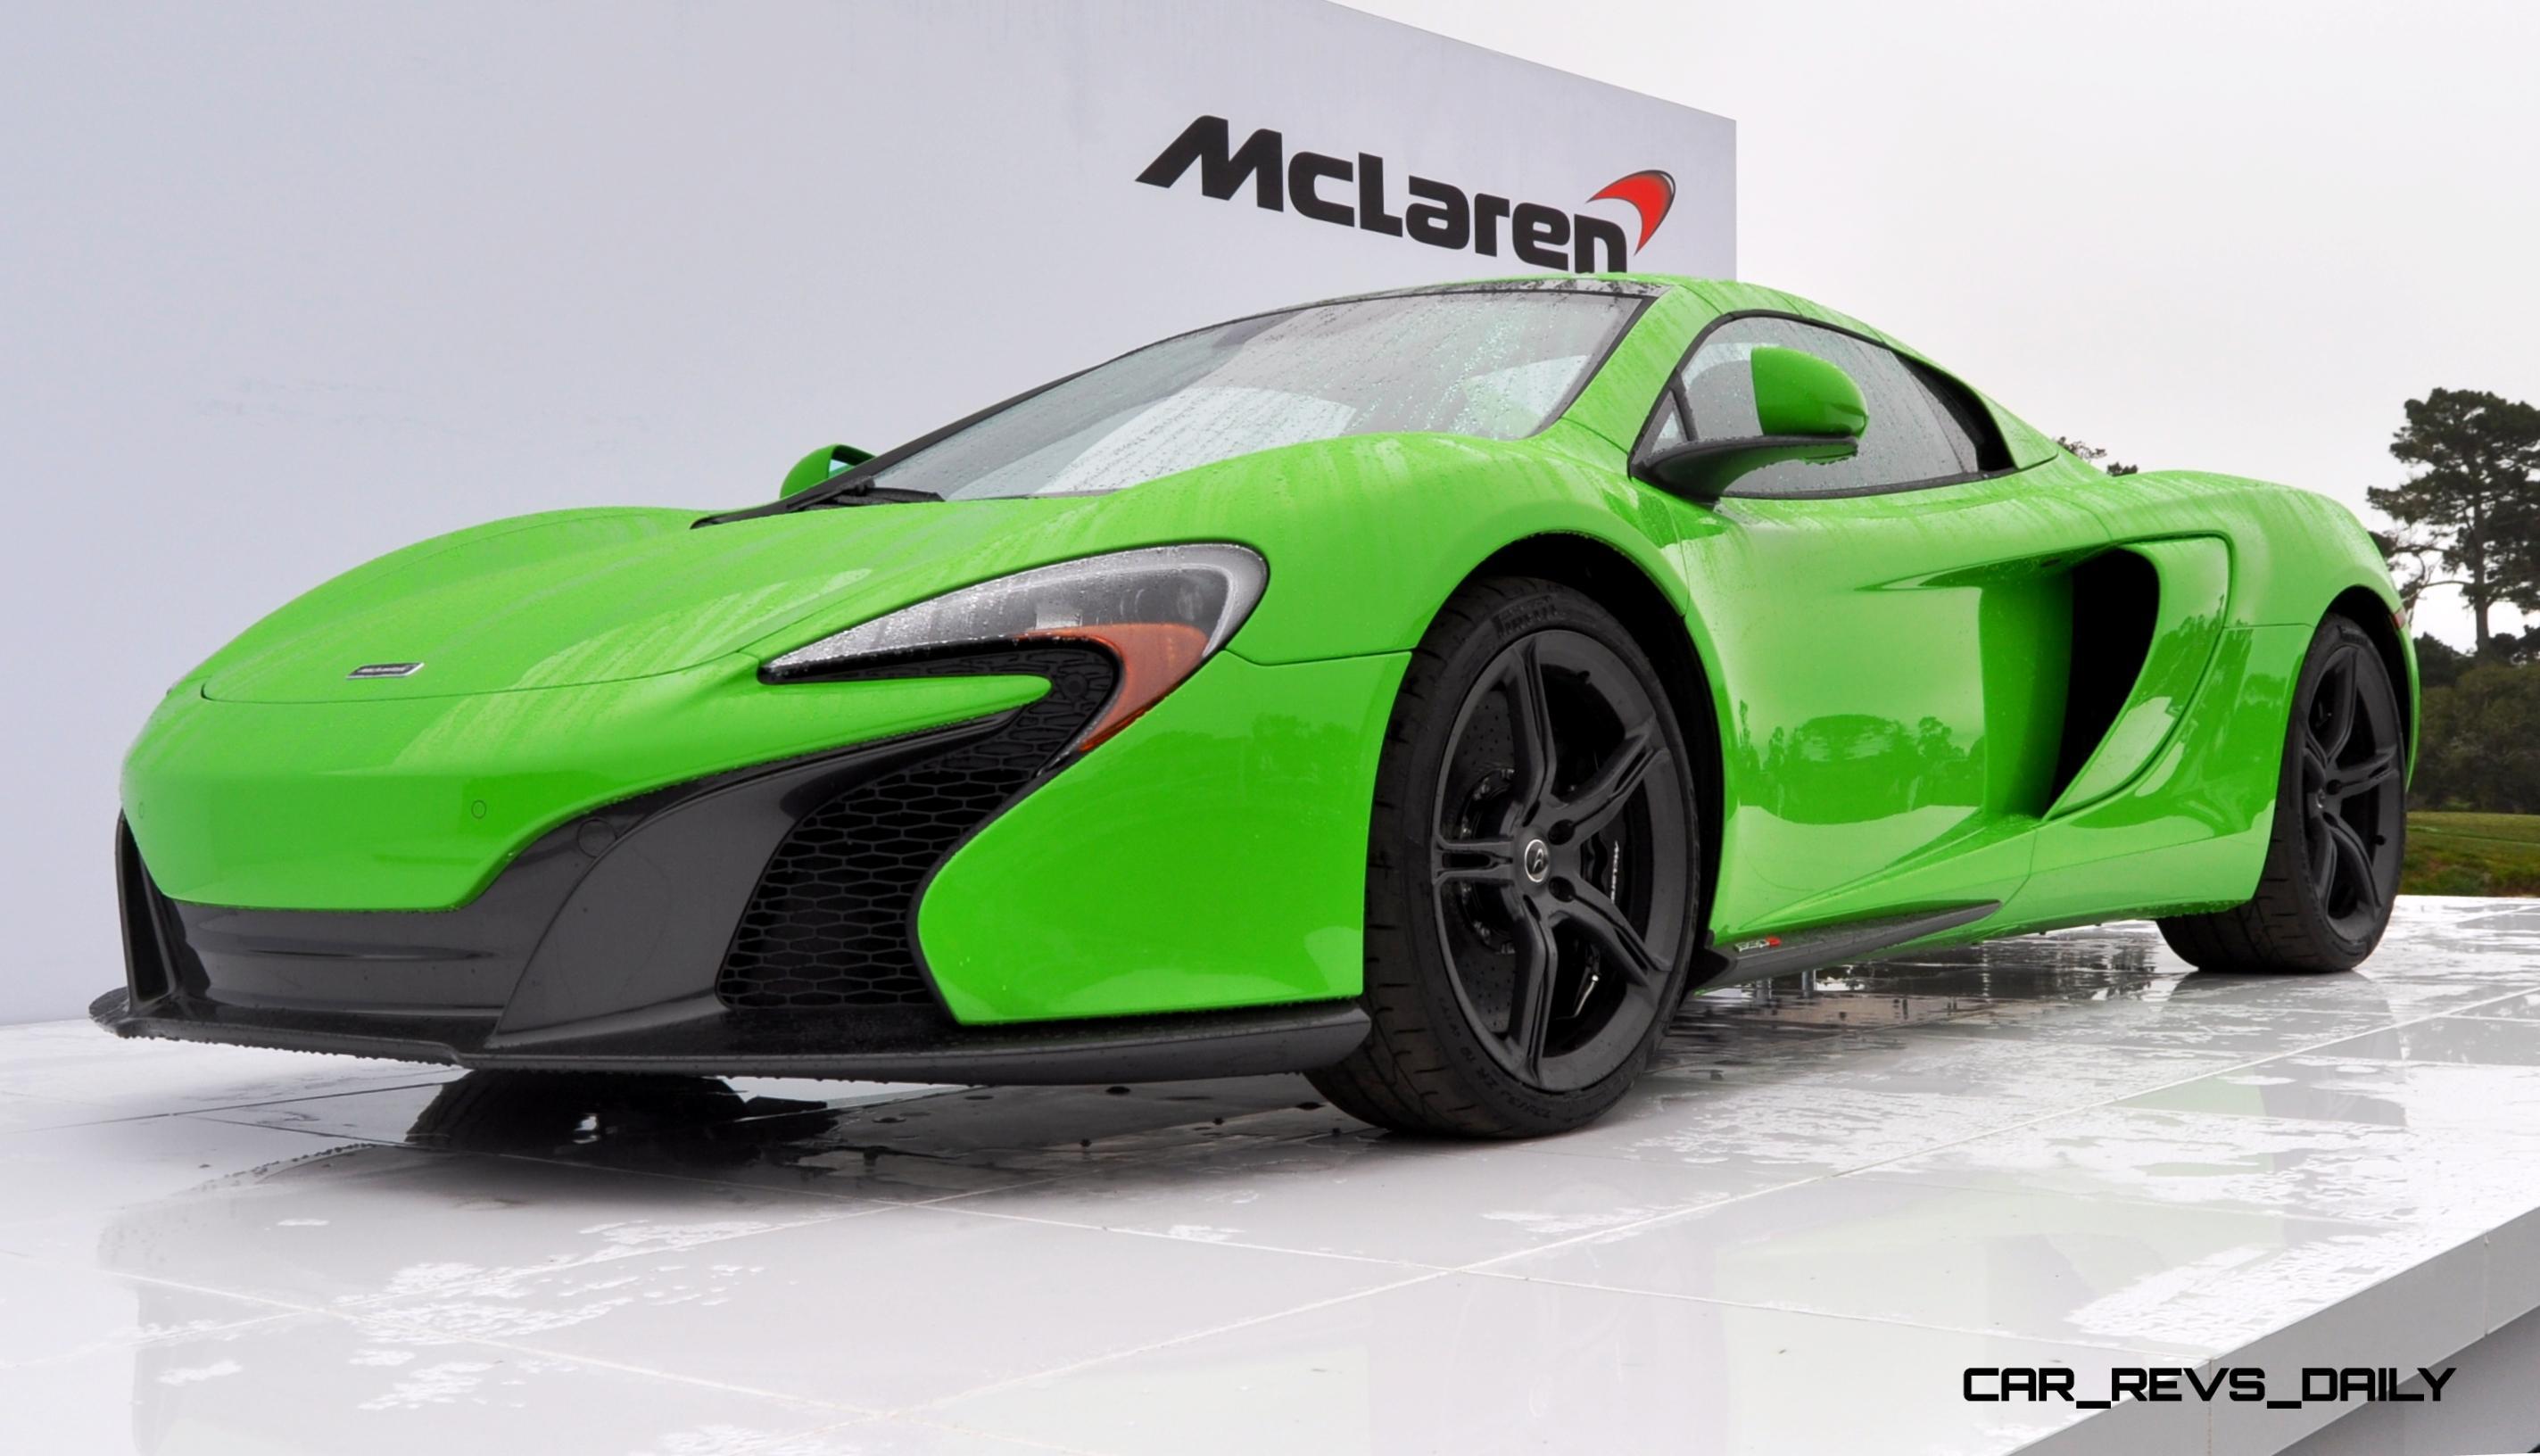 http://www.car-revs-daily.com/wp-content/uploads/Car-Revs-Daily.com-2014-McLaren-650S-Spider-MANTIS-GREEN-Pebble-Beach-6.jpg